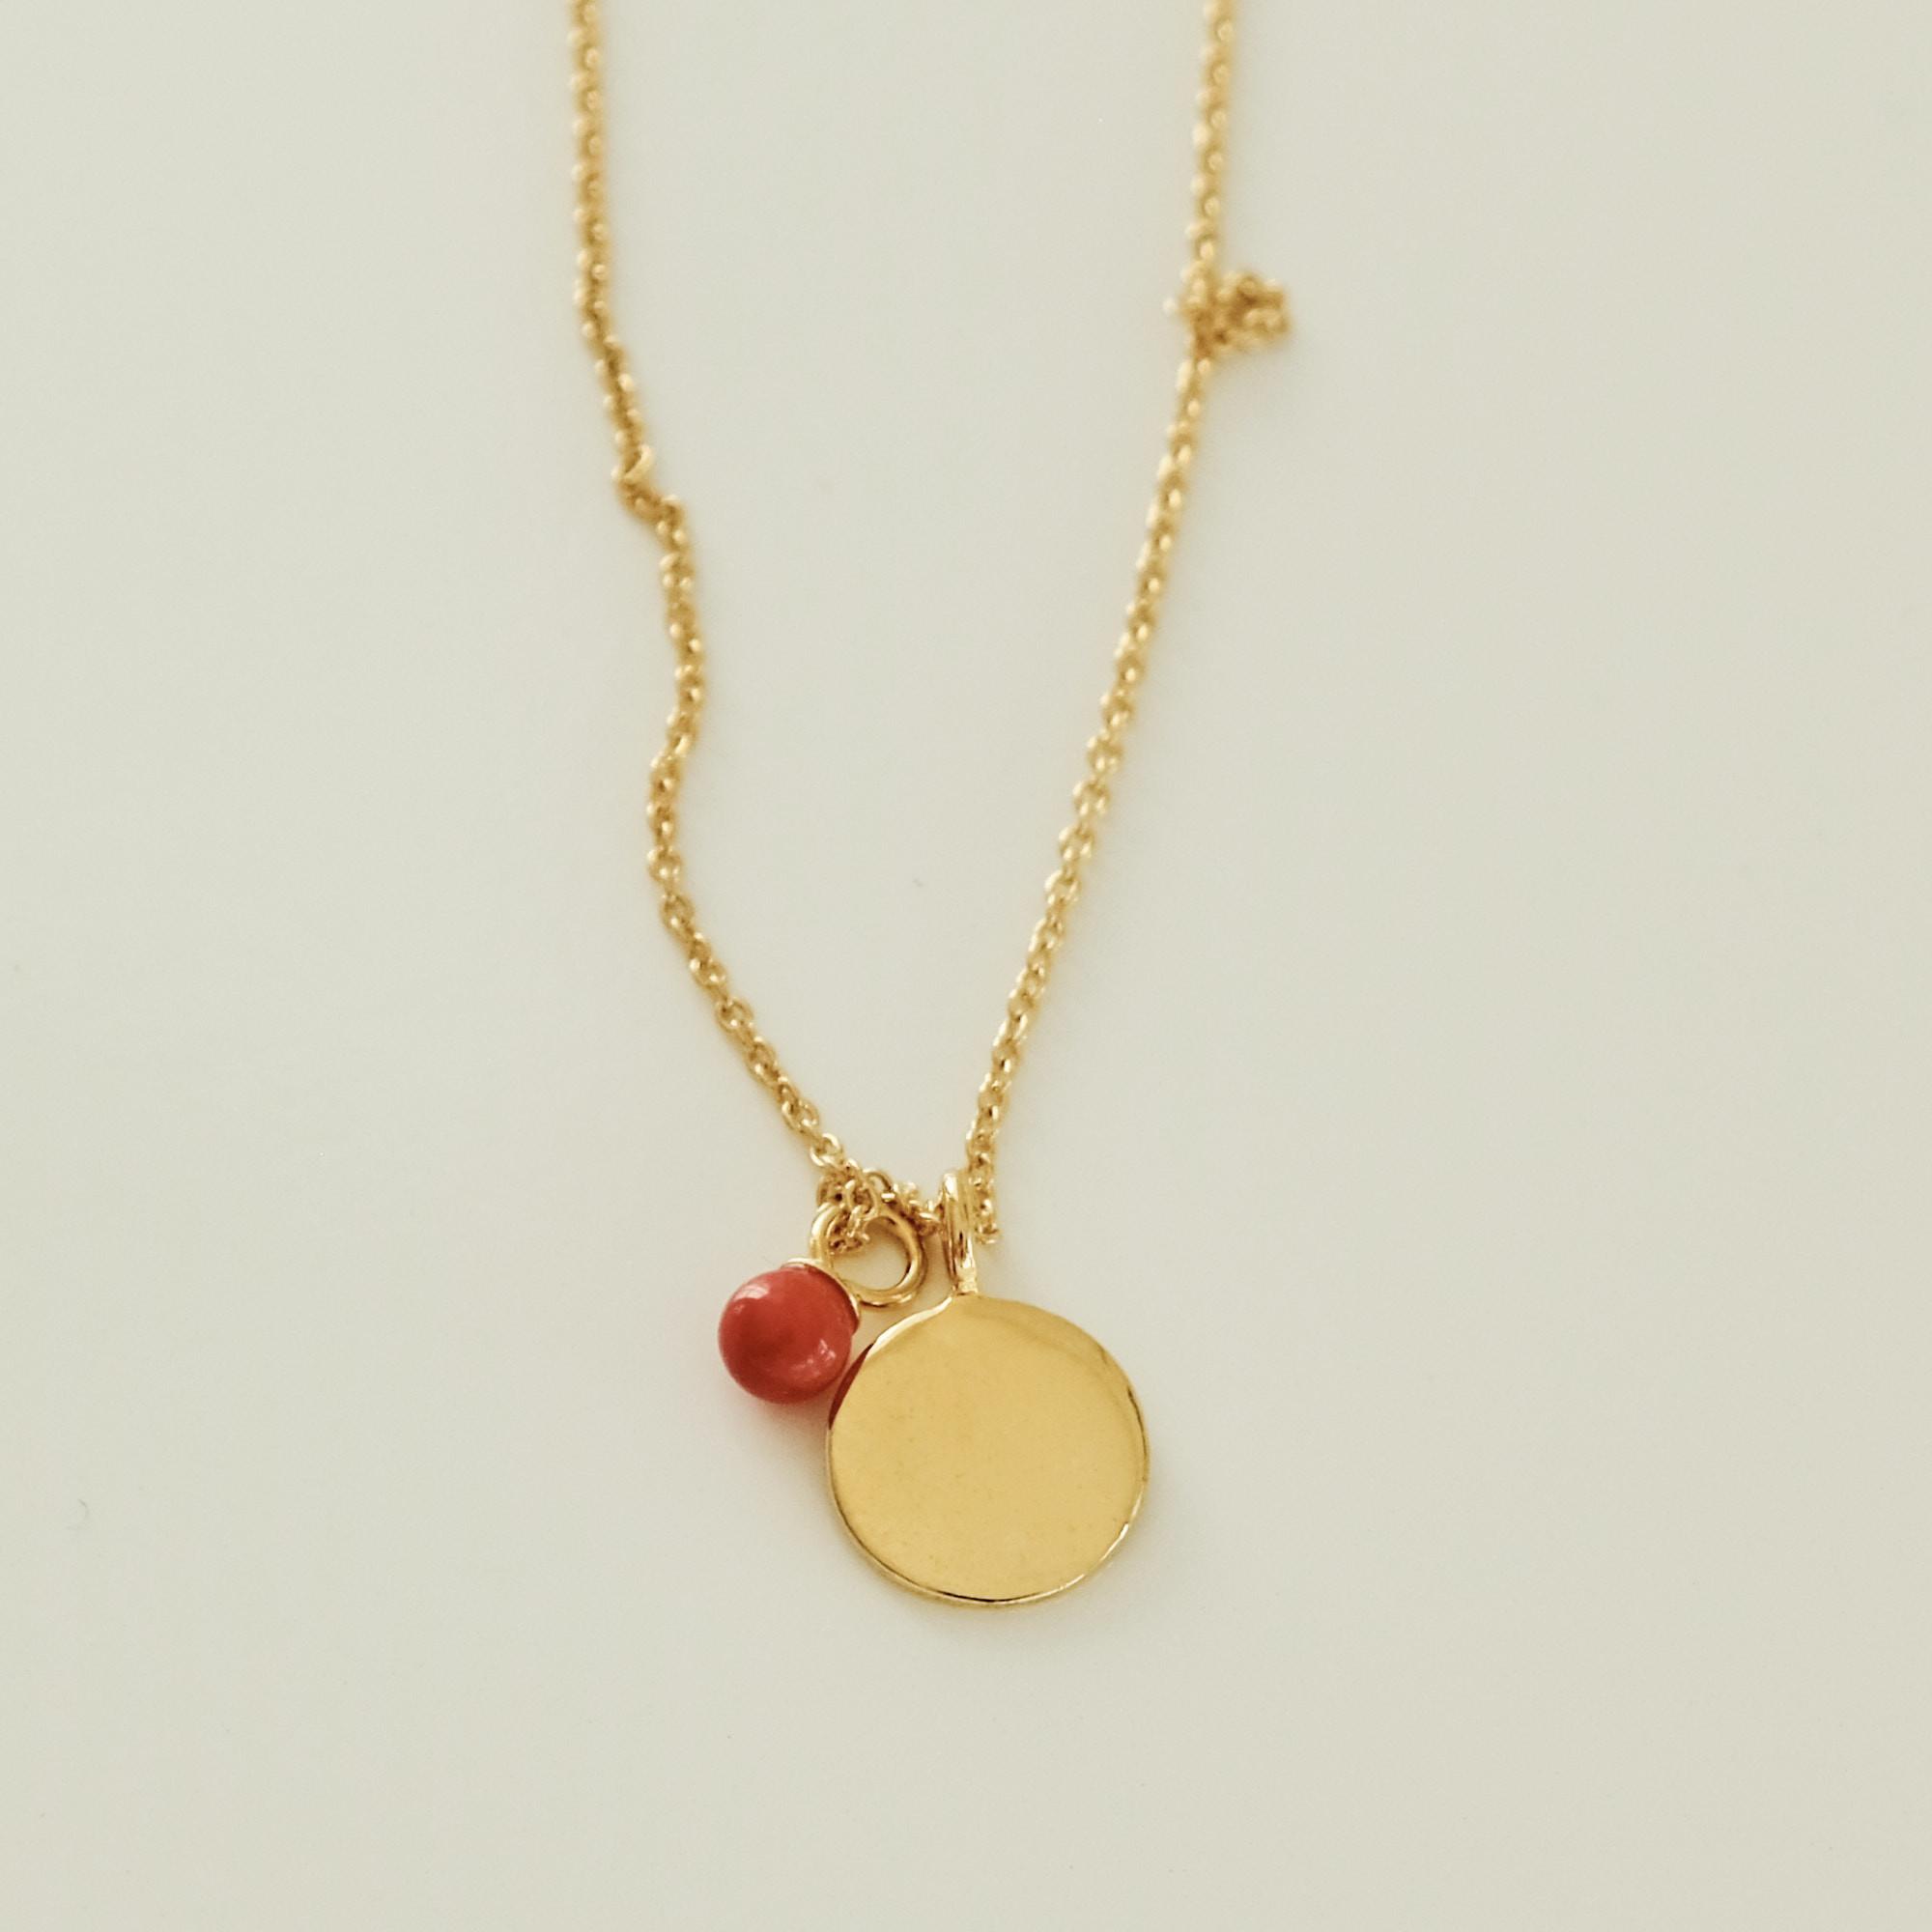 Halskæde med mønt og vedhæng af rød sea bamboo, forgyldt sølv